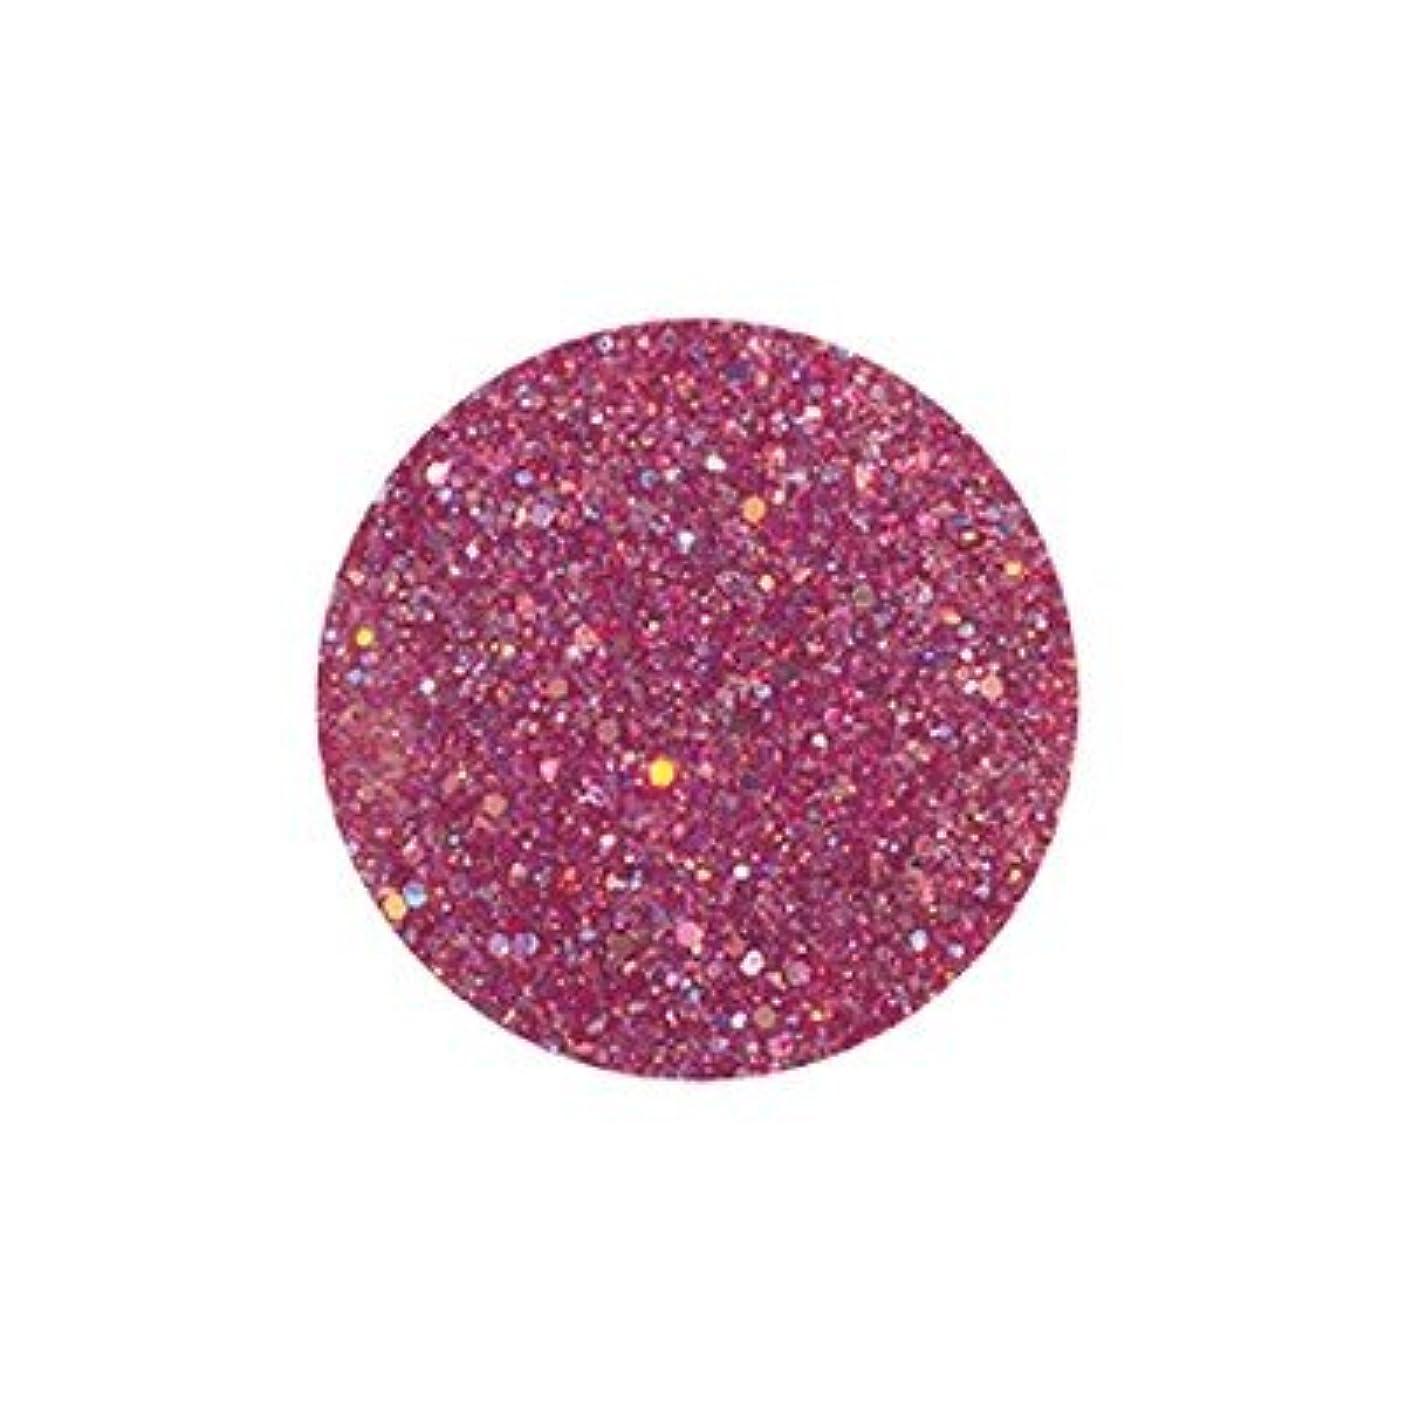 書店鉄道平らなFANTASY NAIL ダイヤモンドコレクション 3g 4259XS カラーパウダー アート材